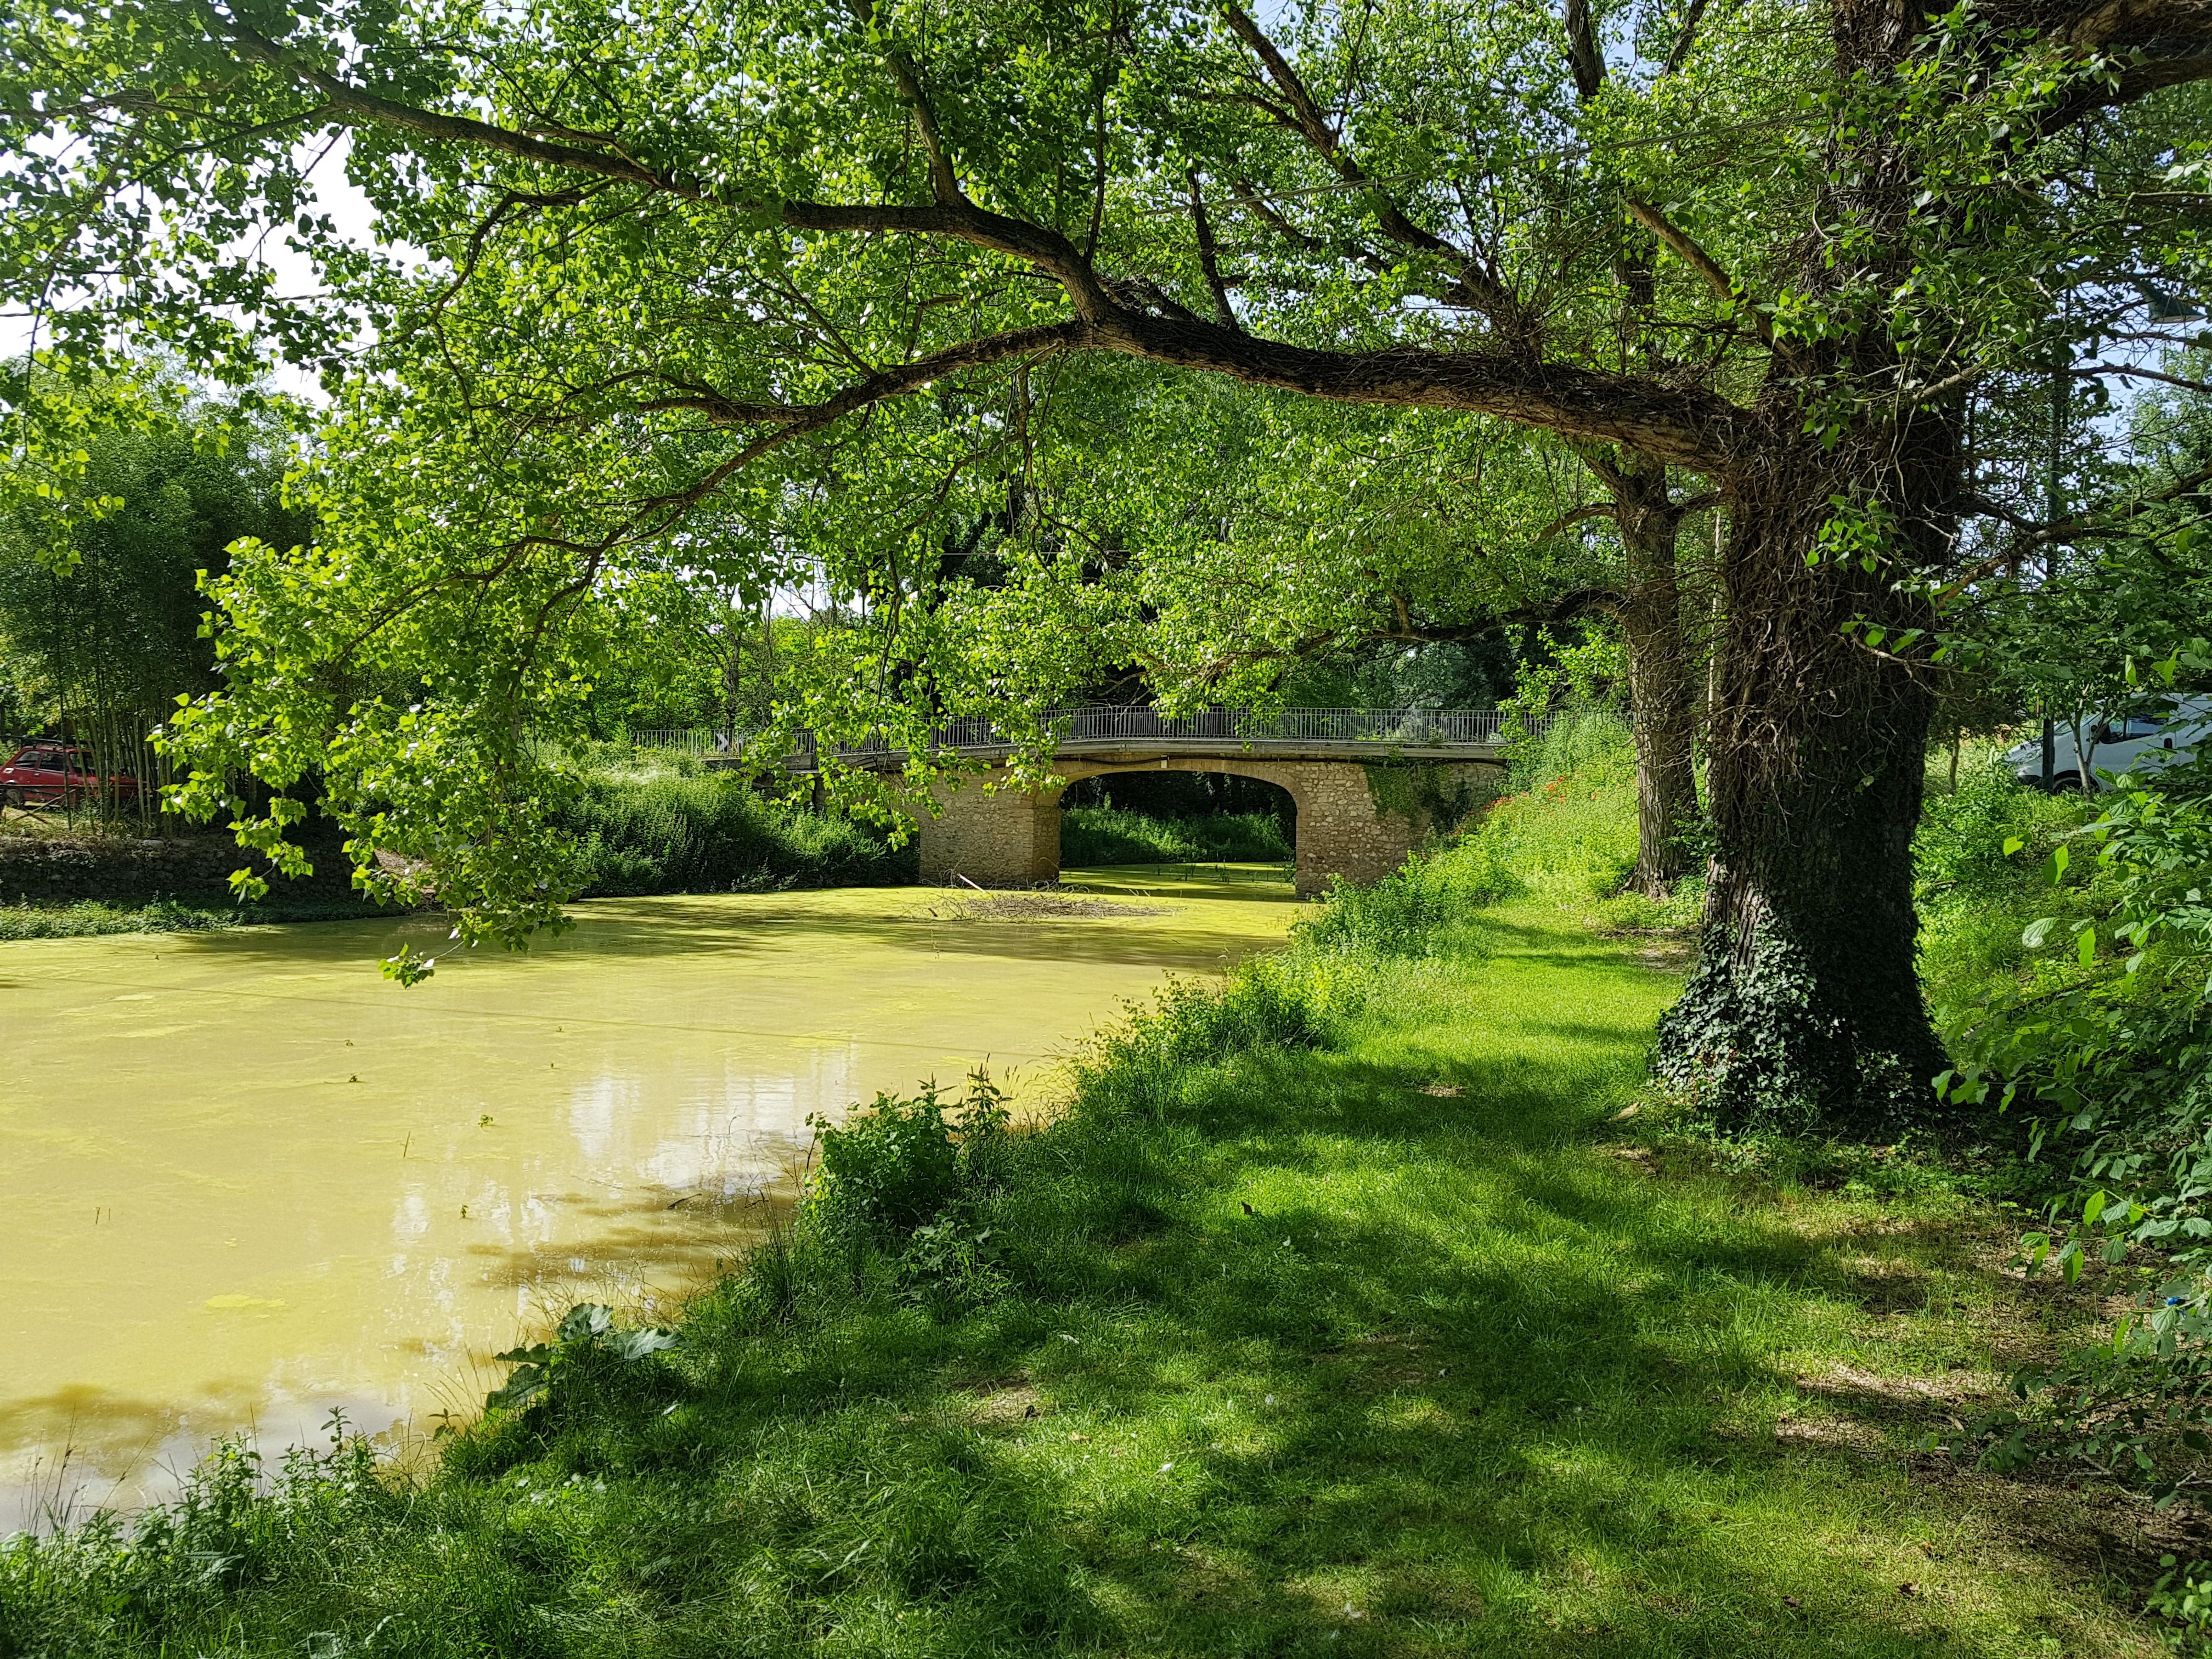 Parco Fluviale Rio Grande